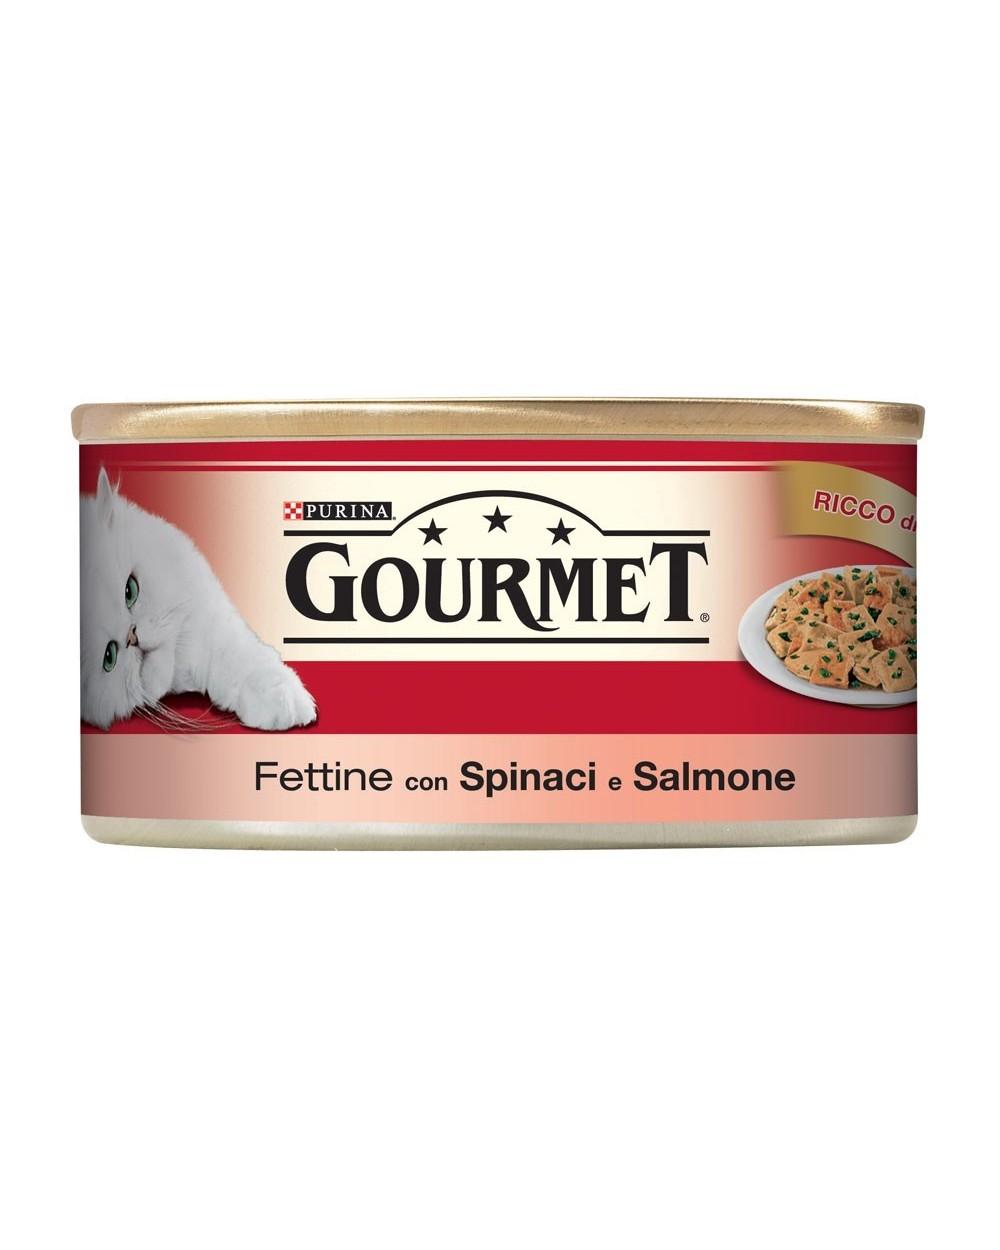 Gourmet Red Fettine con Spinaci e Salmone